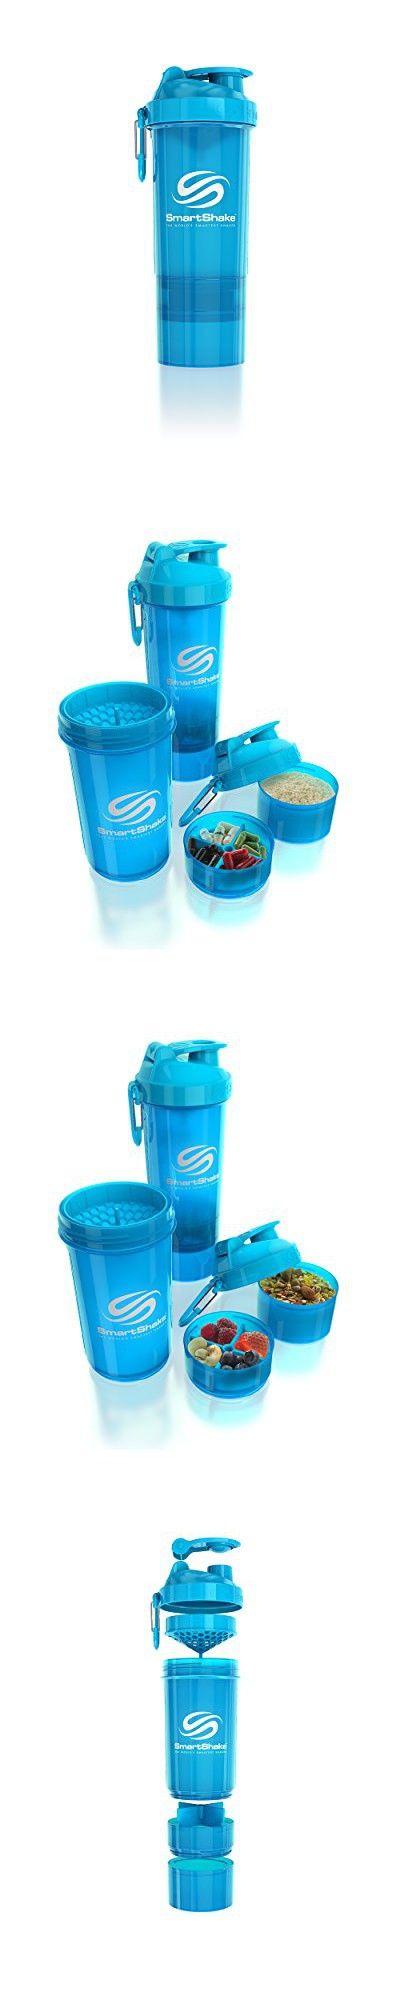 SmartShake Original 2GO Bottle, 27 oz Shaker Cup, Neon Blue ...